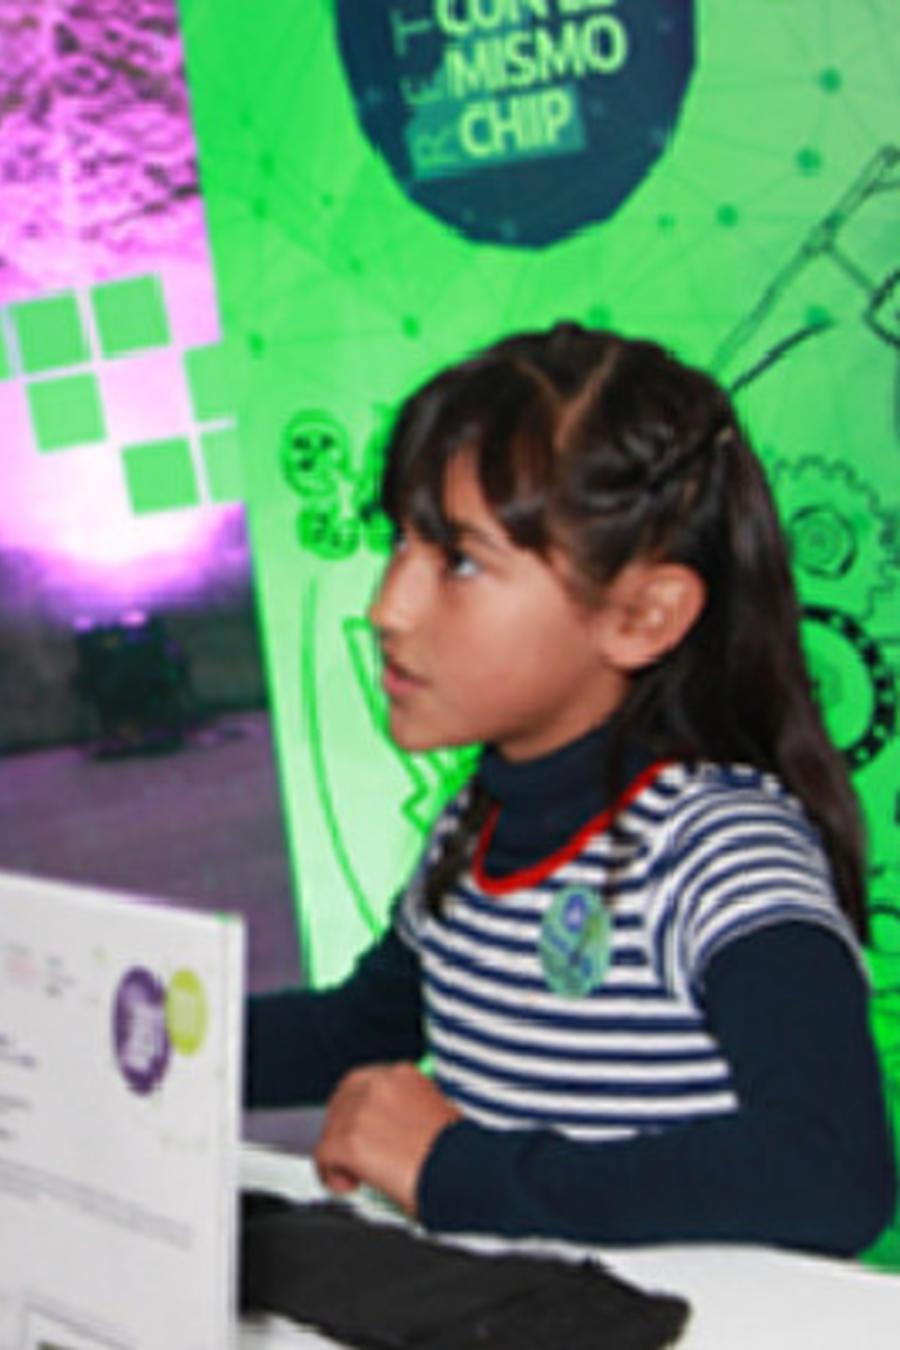 Vania Rodríguez Montes, una niña de Coahulia, México que inventó un cinturón que alerta a ciegos de obstáculos